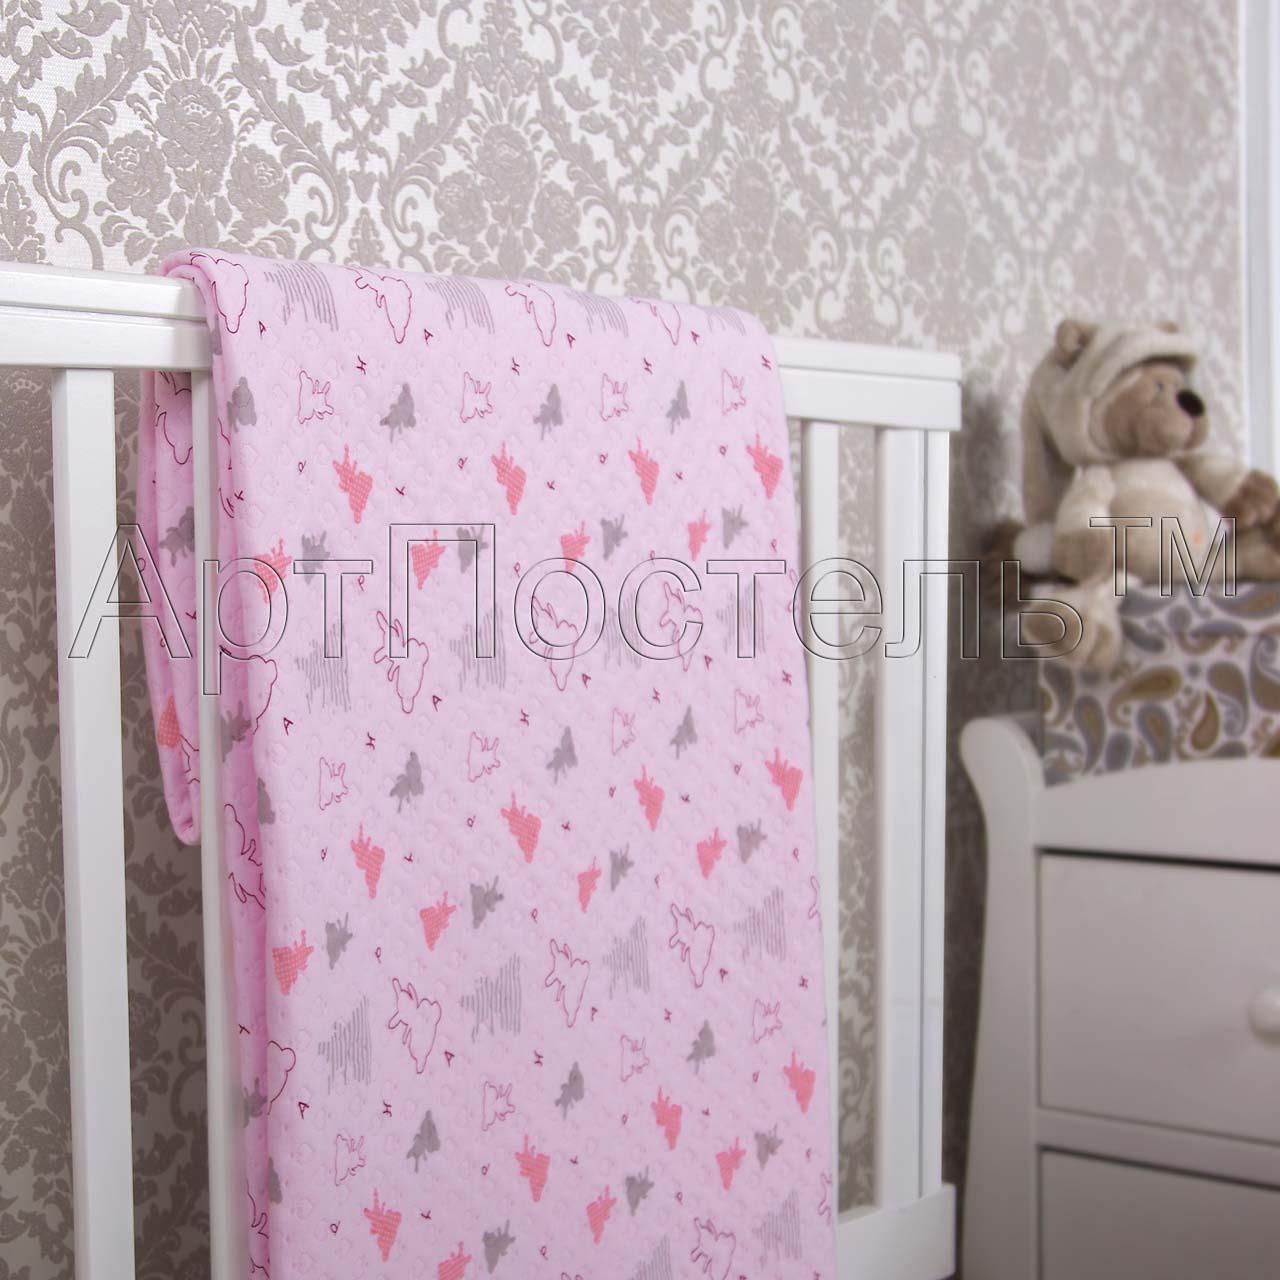 Покрывало  Мишки-малышки  Розовый р. 140х200 - Текстиль для дома артикул: 33963